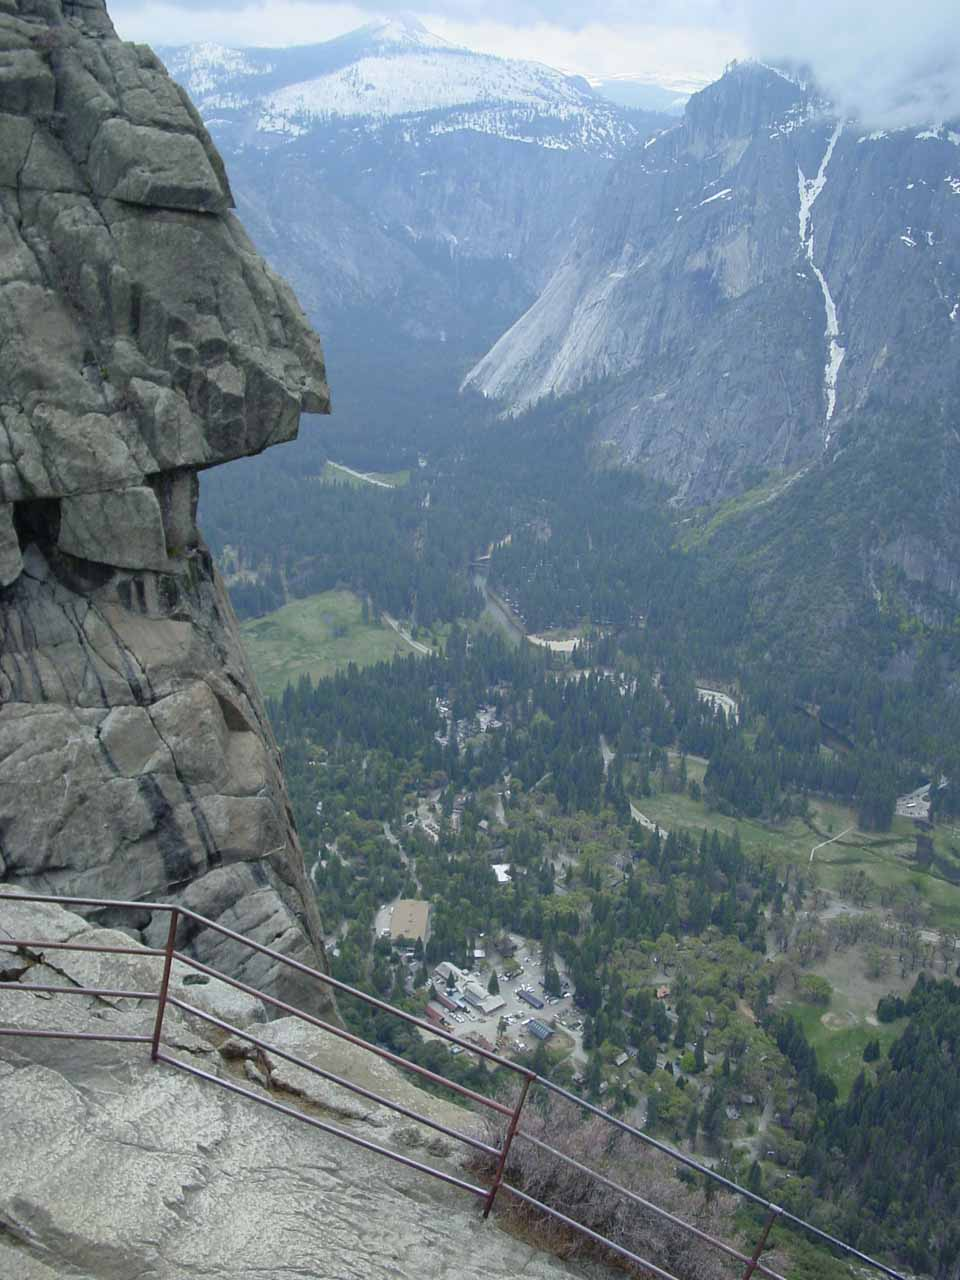 Vertigo-inducing views